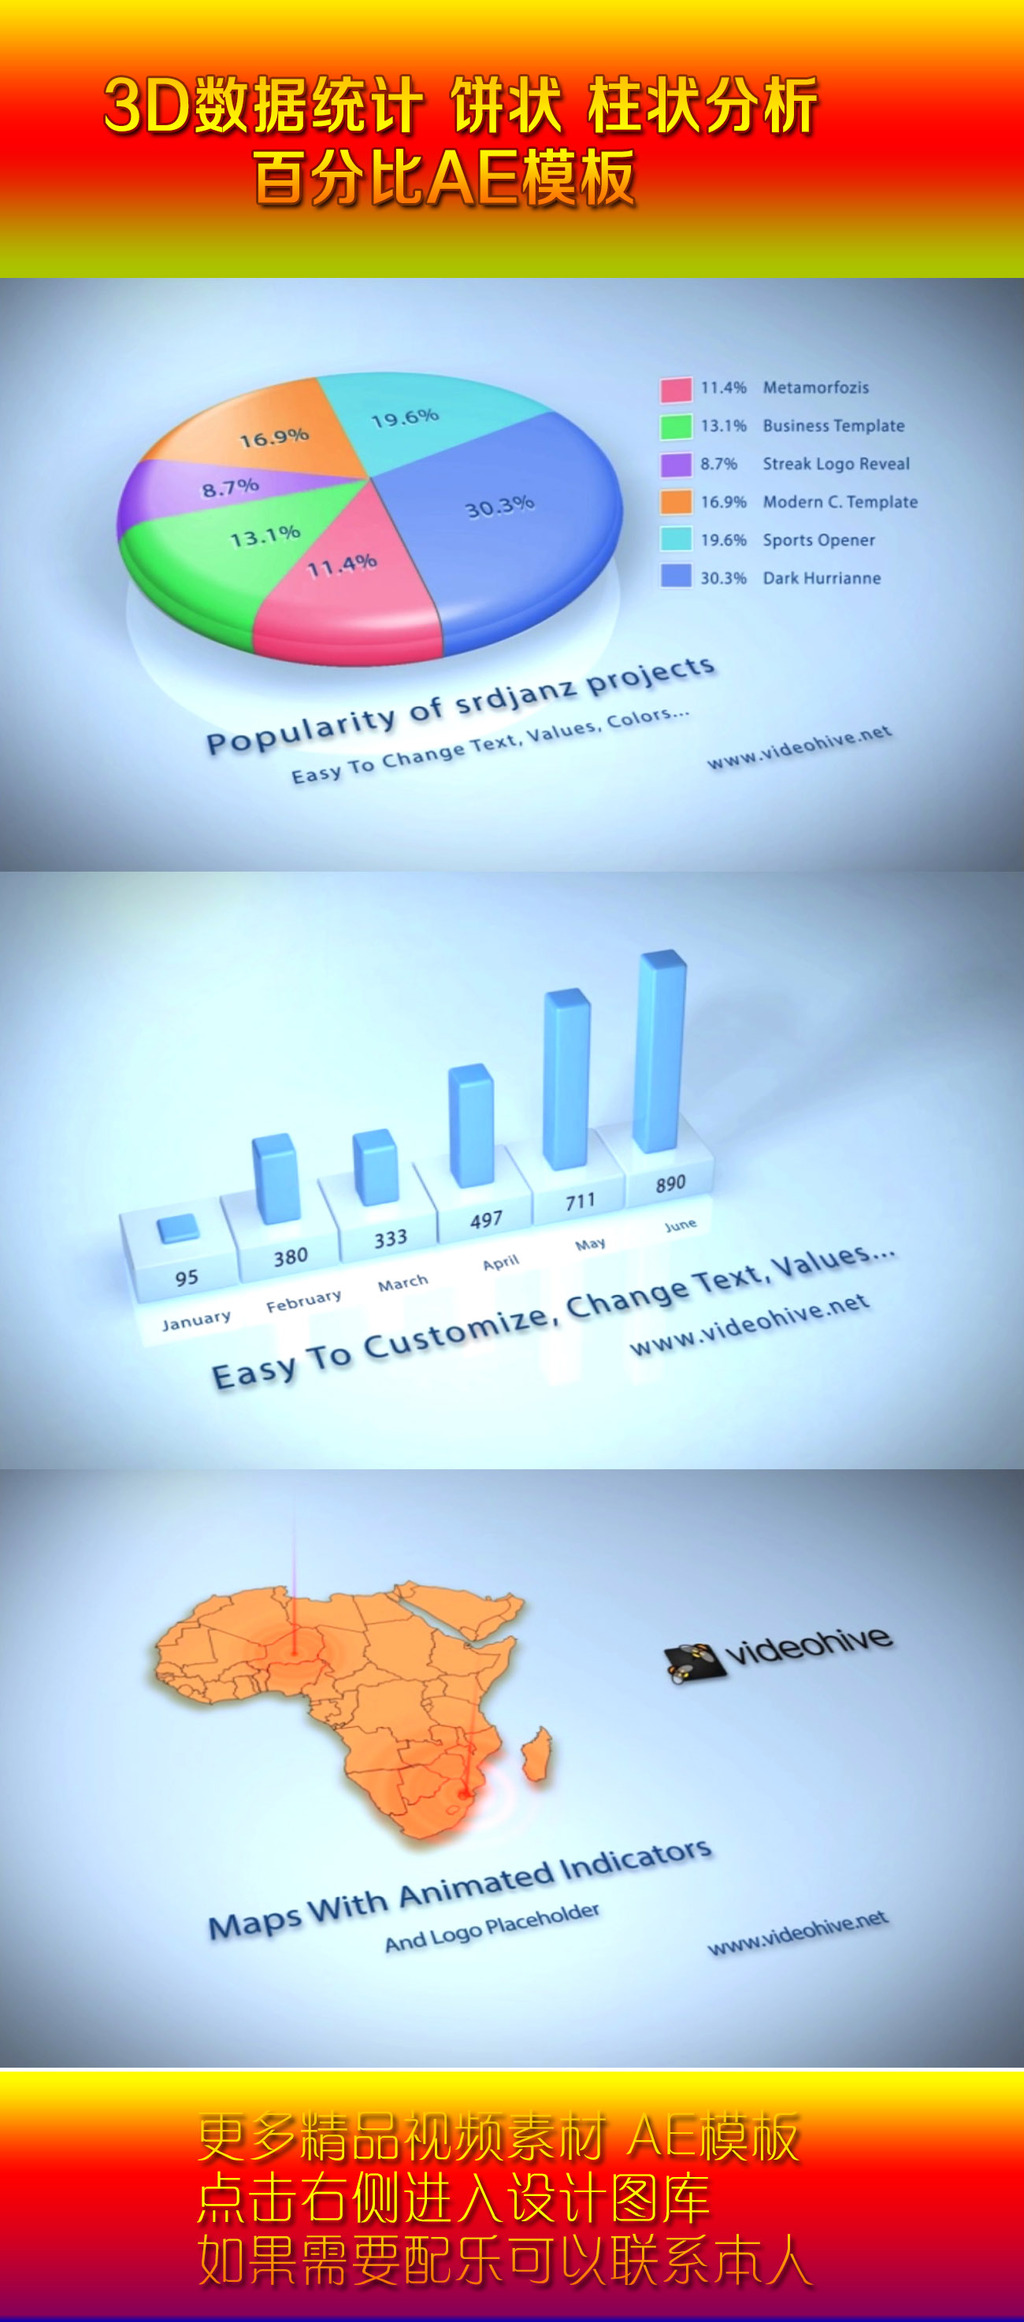 3d数据统计饼状柱状分析ae模版模板下载(图片编号:)